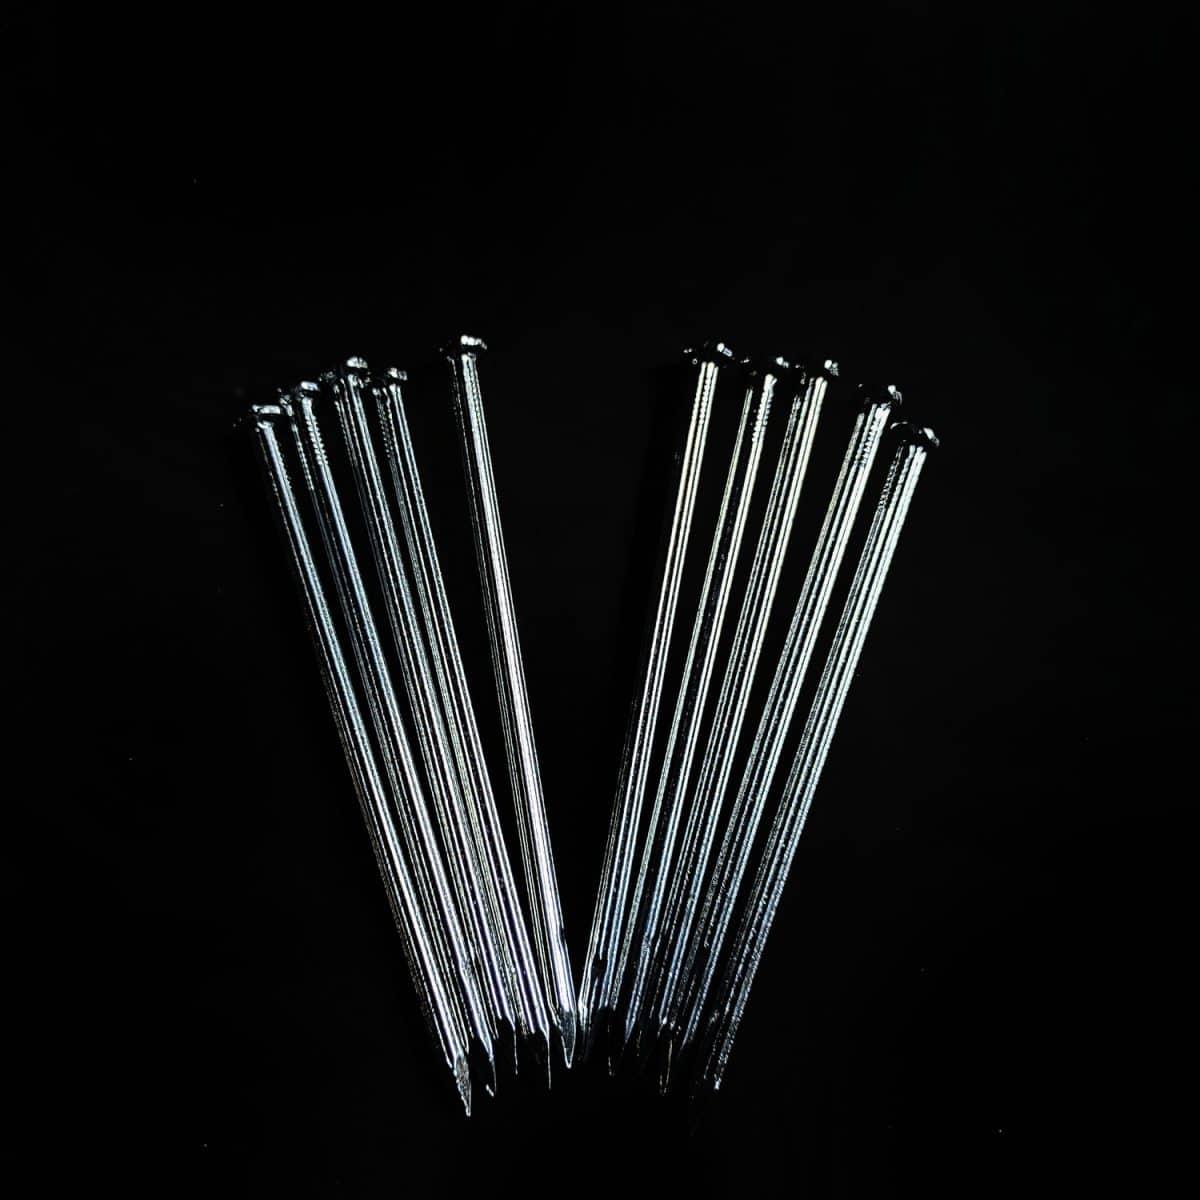 18 gauge steel brad nails